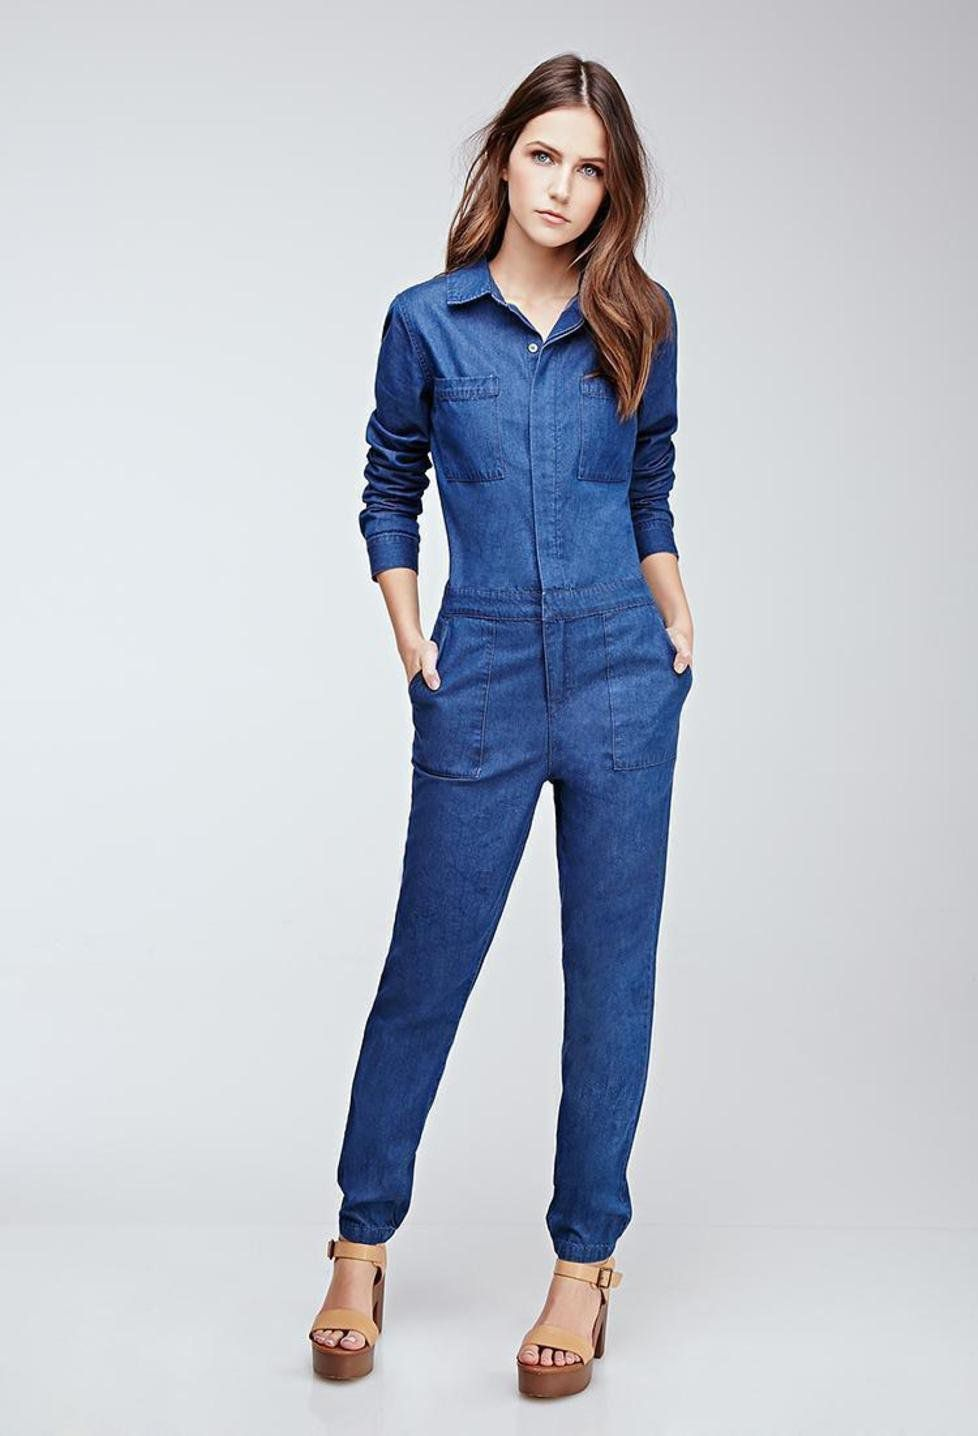 نصائح لارتداء افرول جينز بطرق عصرية